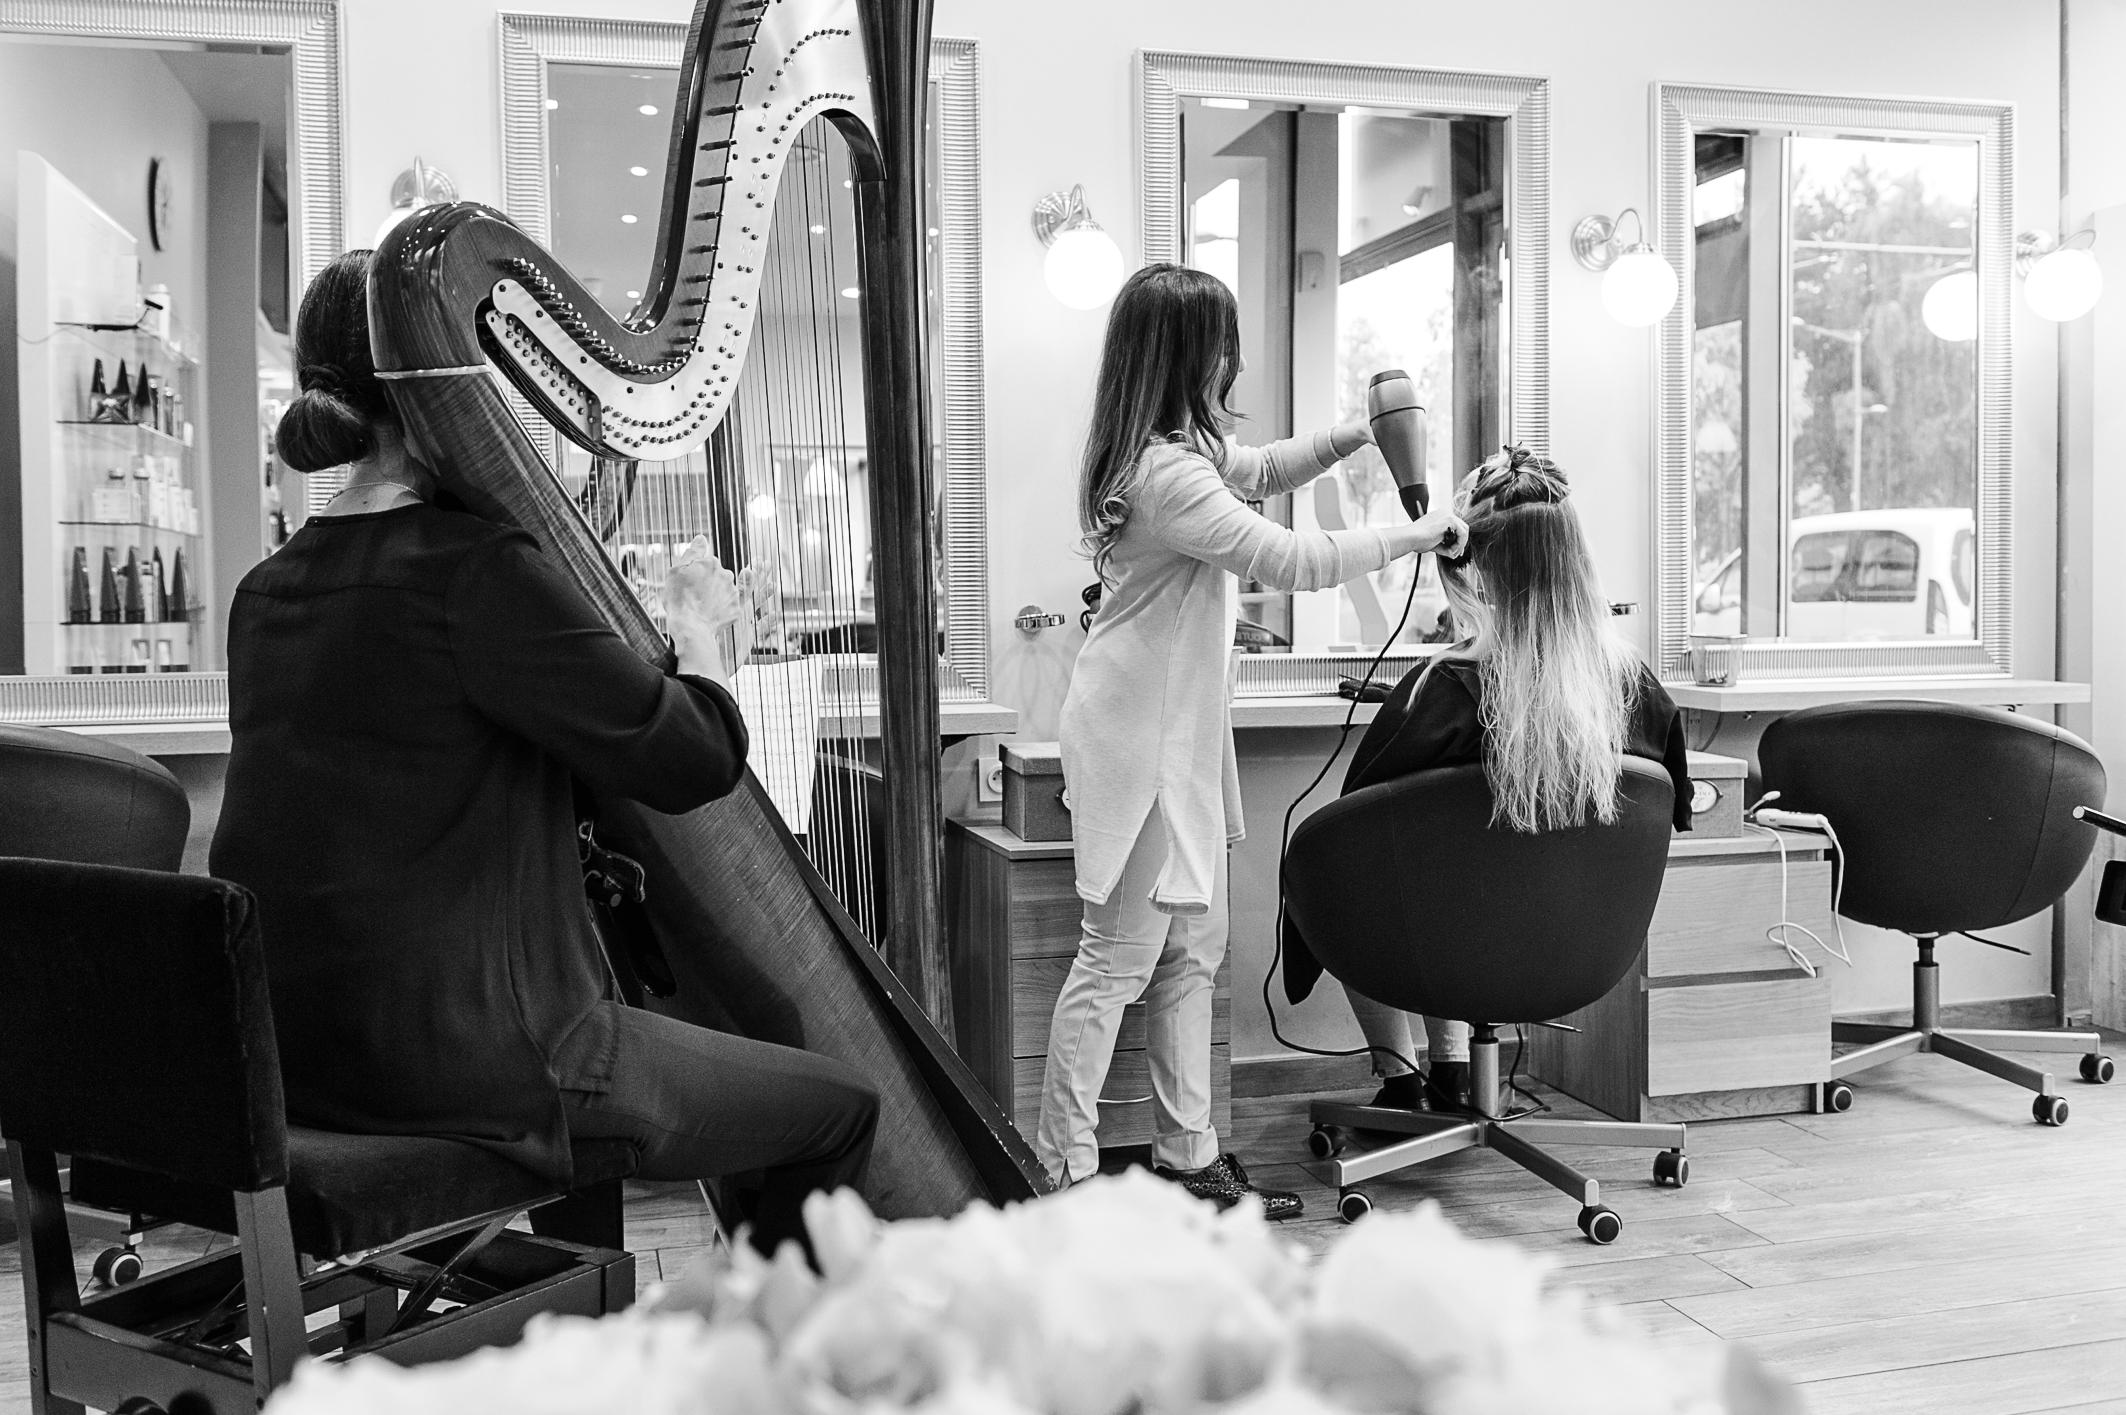 Opéra de Lyon Sagesse salon de beauté 2017 ©Charpenel